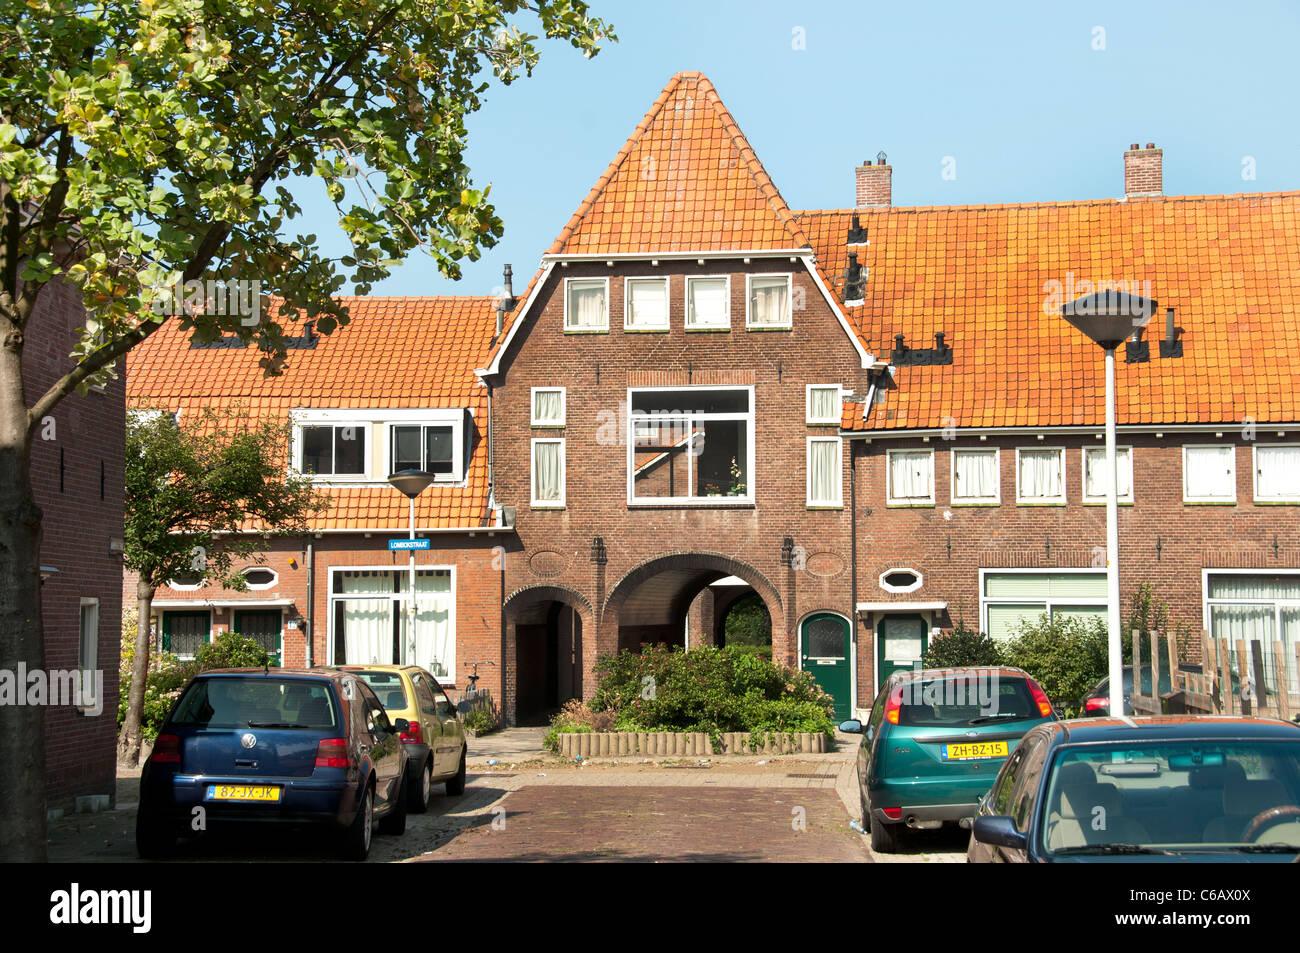 De Kooi Leiden Noord Netherlands Leiden - Stock Image